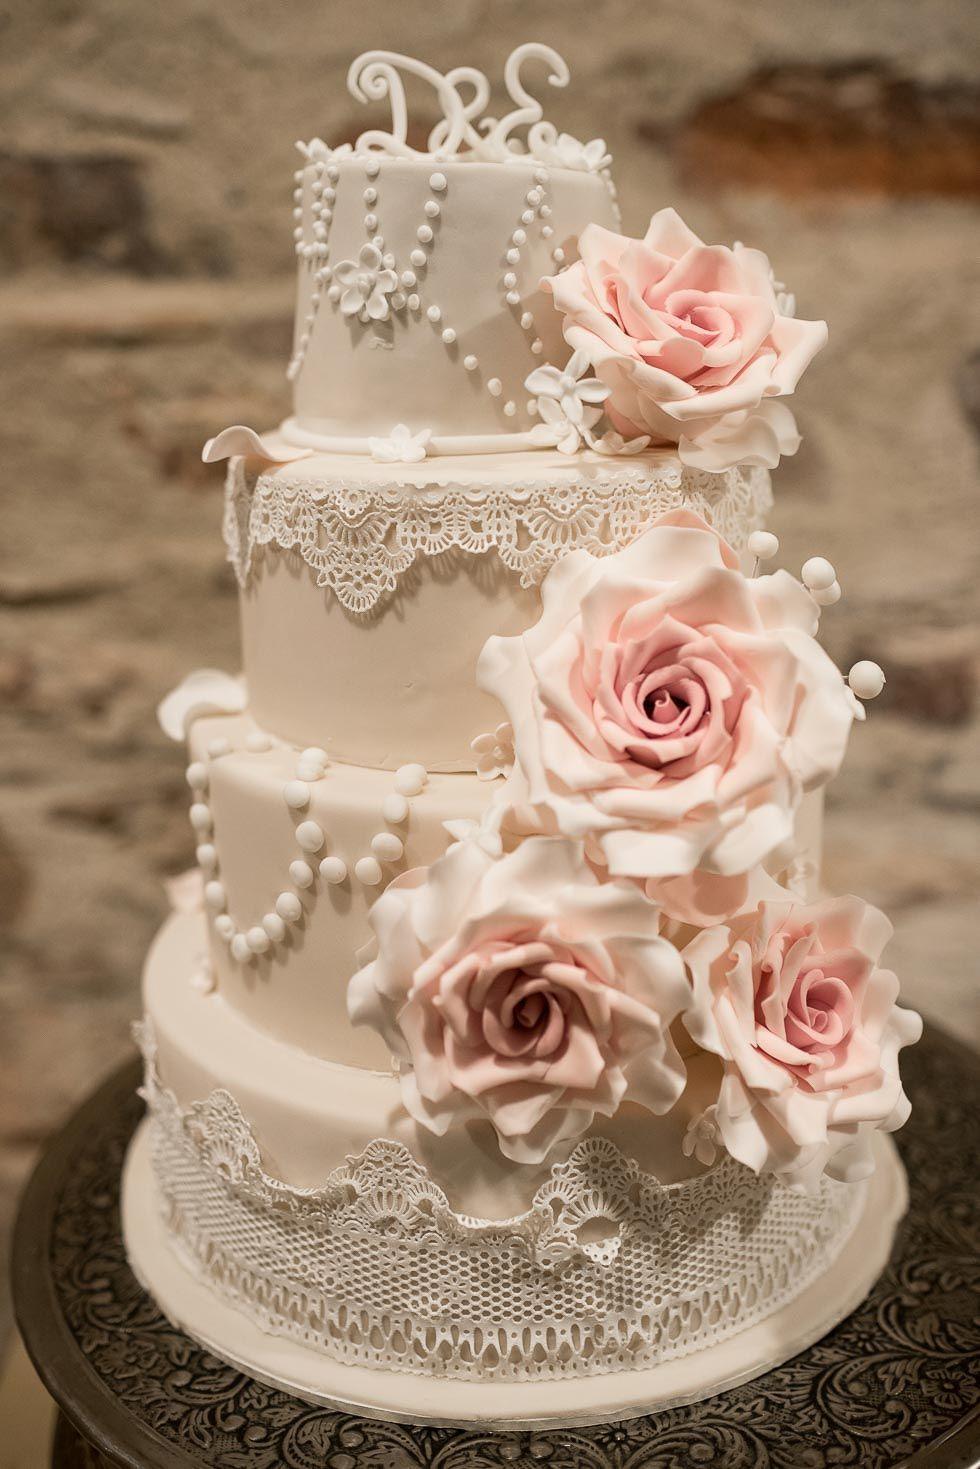 Eine Winterhochzeit zum Verlieben  Tortenliebe  Pinterest  Hochzeitstorte Torte hochzeit und